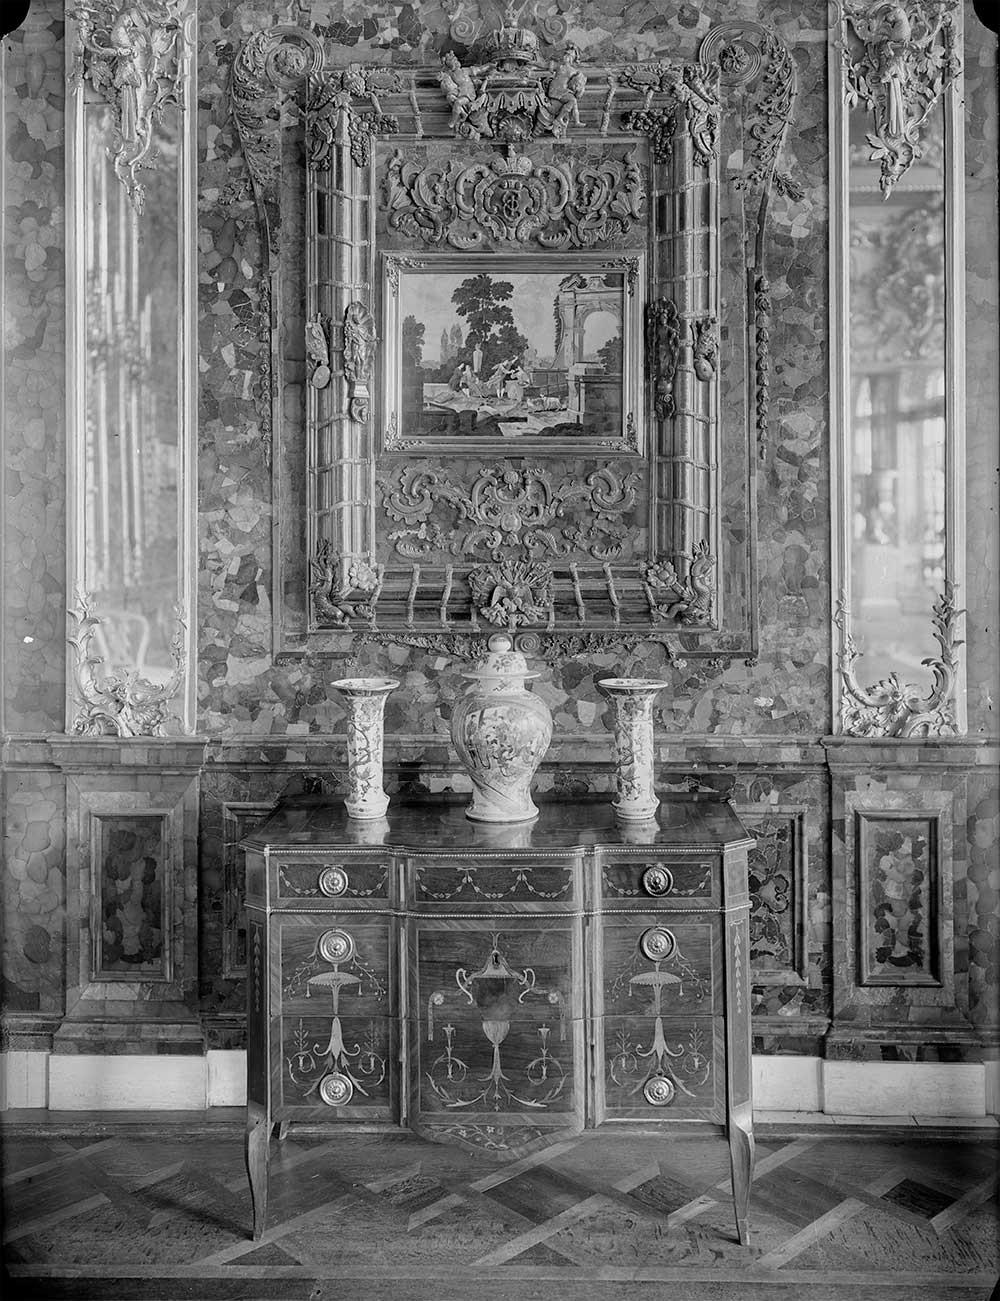 La Chambre d'ambre du palais Catherine à Tsarskoïé Selo (a été volée par les nazis au cours de la Seconde Guerre mondiale, puis perdue. Sa réplique fidèle a été réalisée au cours des années 2000), années 1900. Alexandre Erjemski